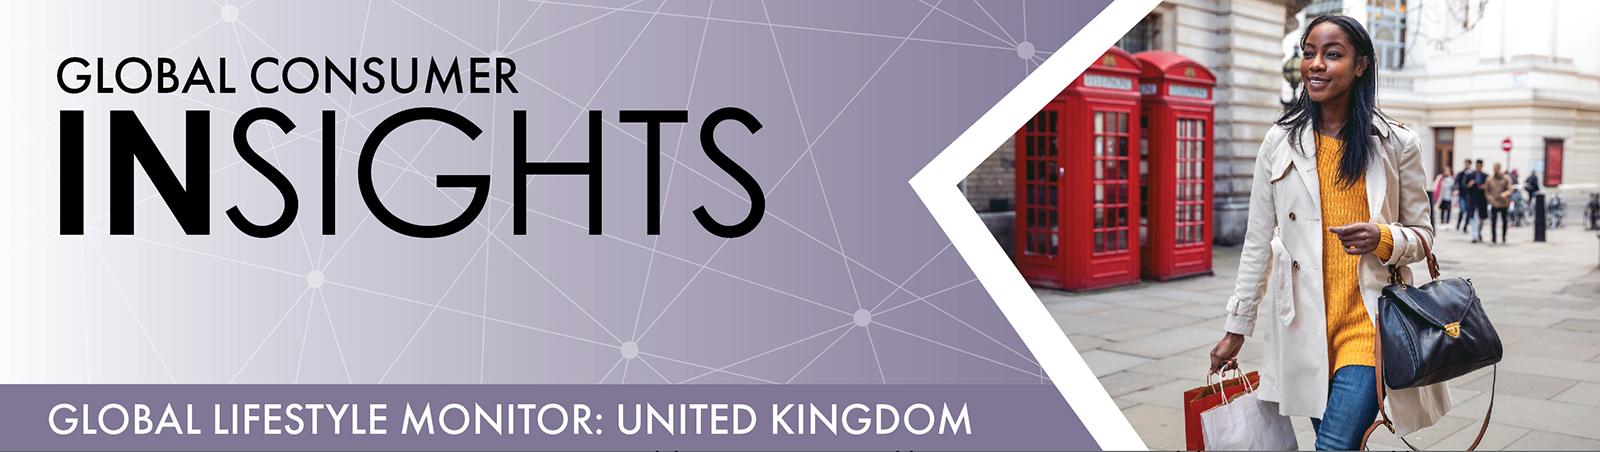 Global Lifestyle Monitor: UK